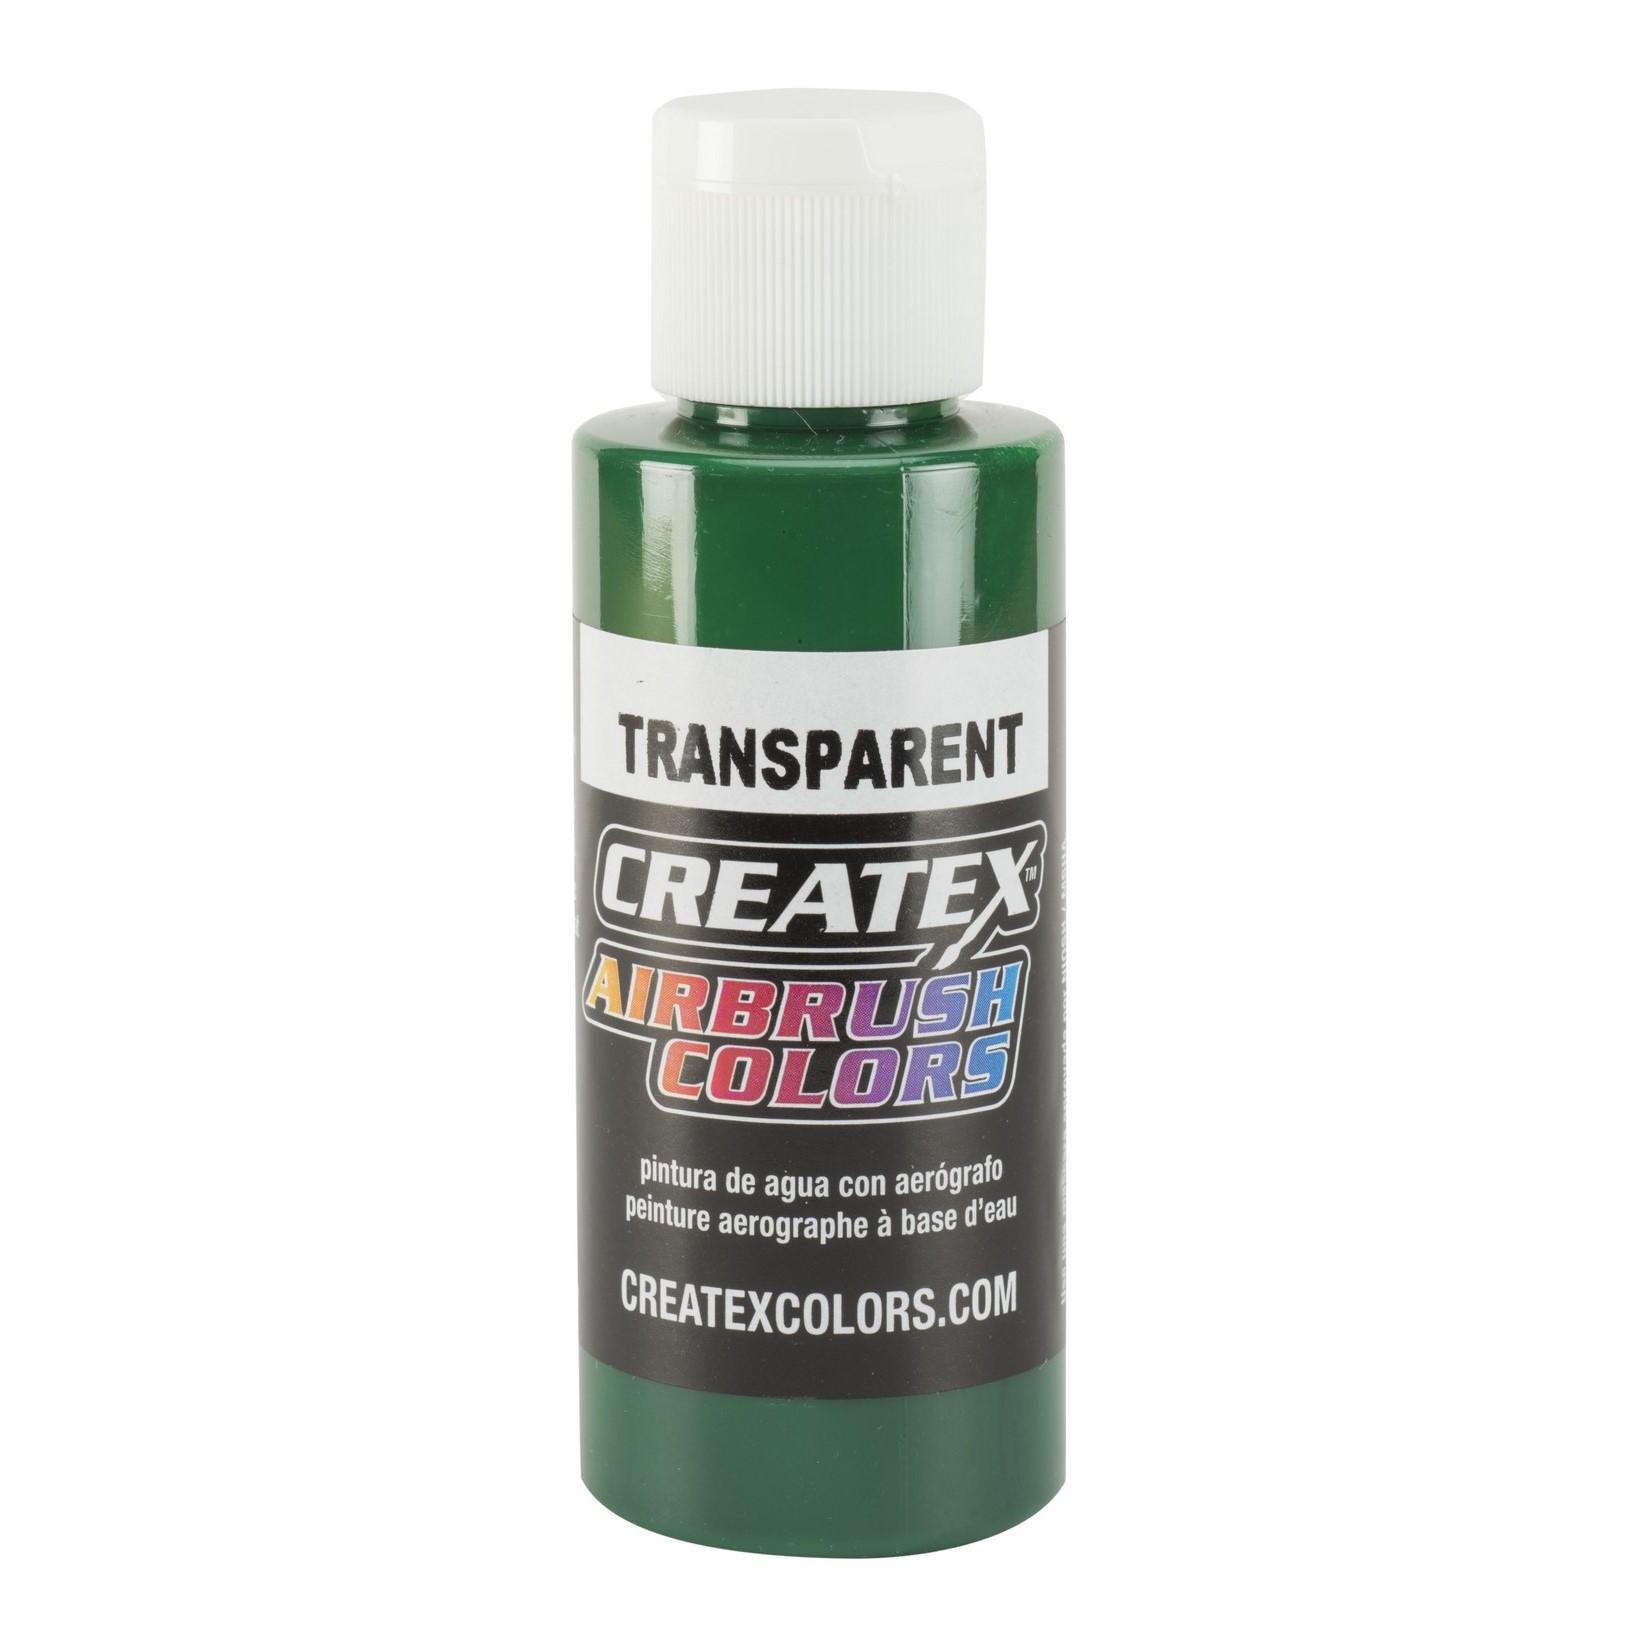 Hellgrün Createx Airbrush Colors Farbe 240ml 13 5109 Createx